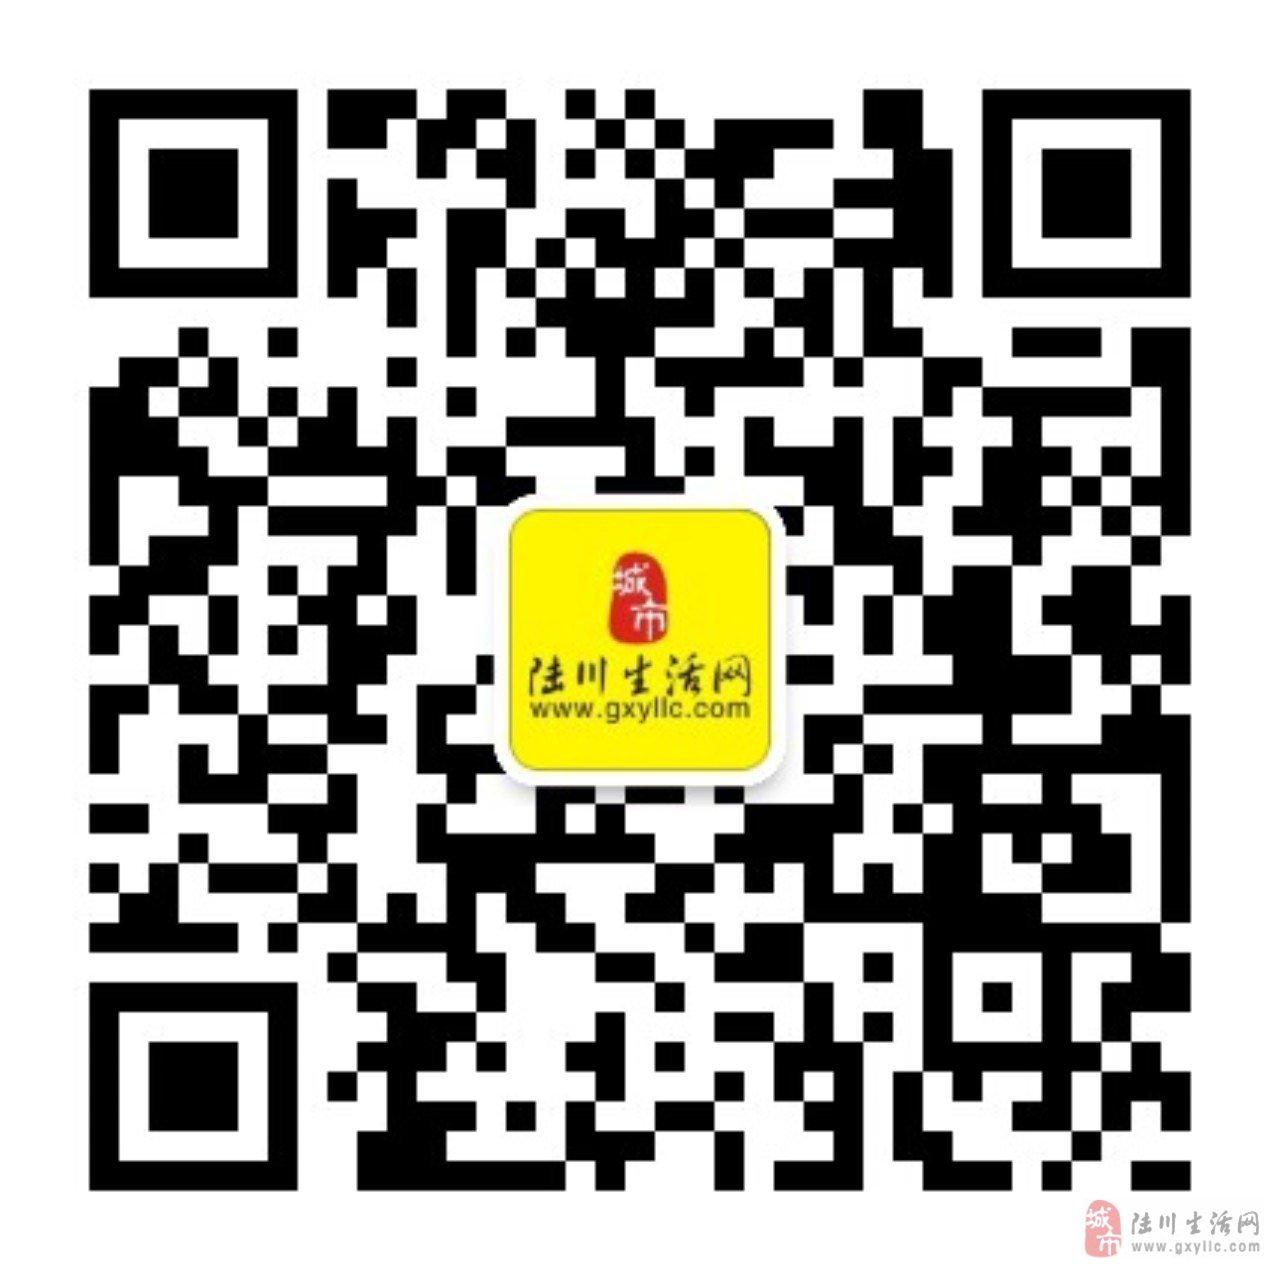 陸川生活網官方微信